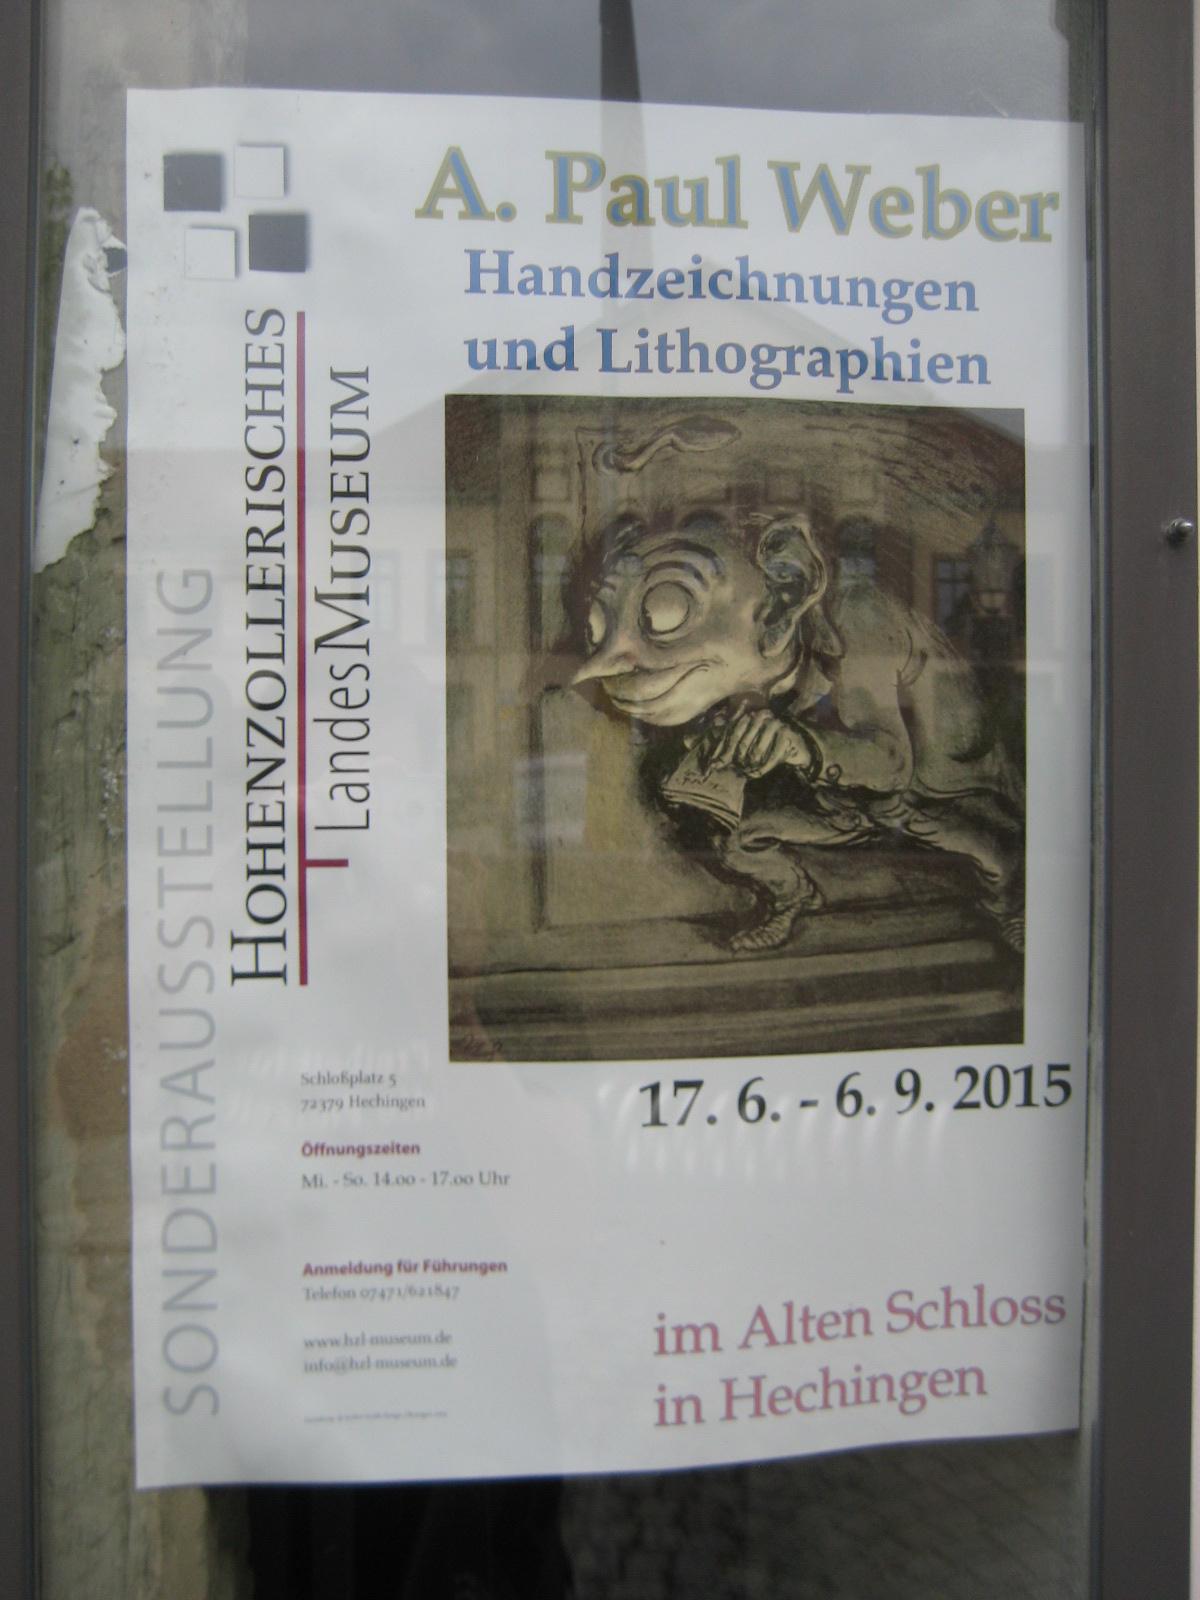 Paul-Weber-Ausstellung in Hechingen